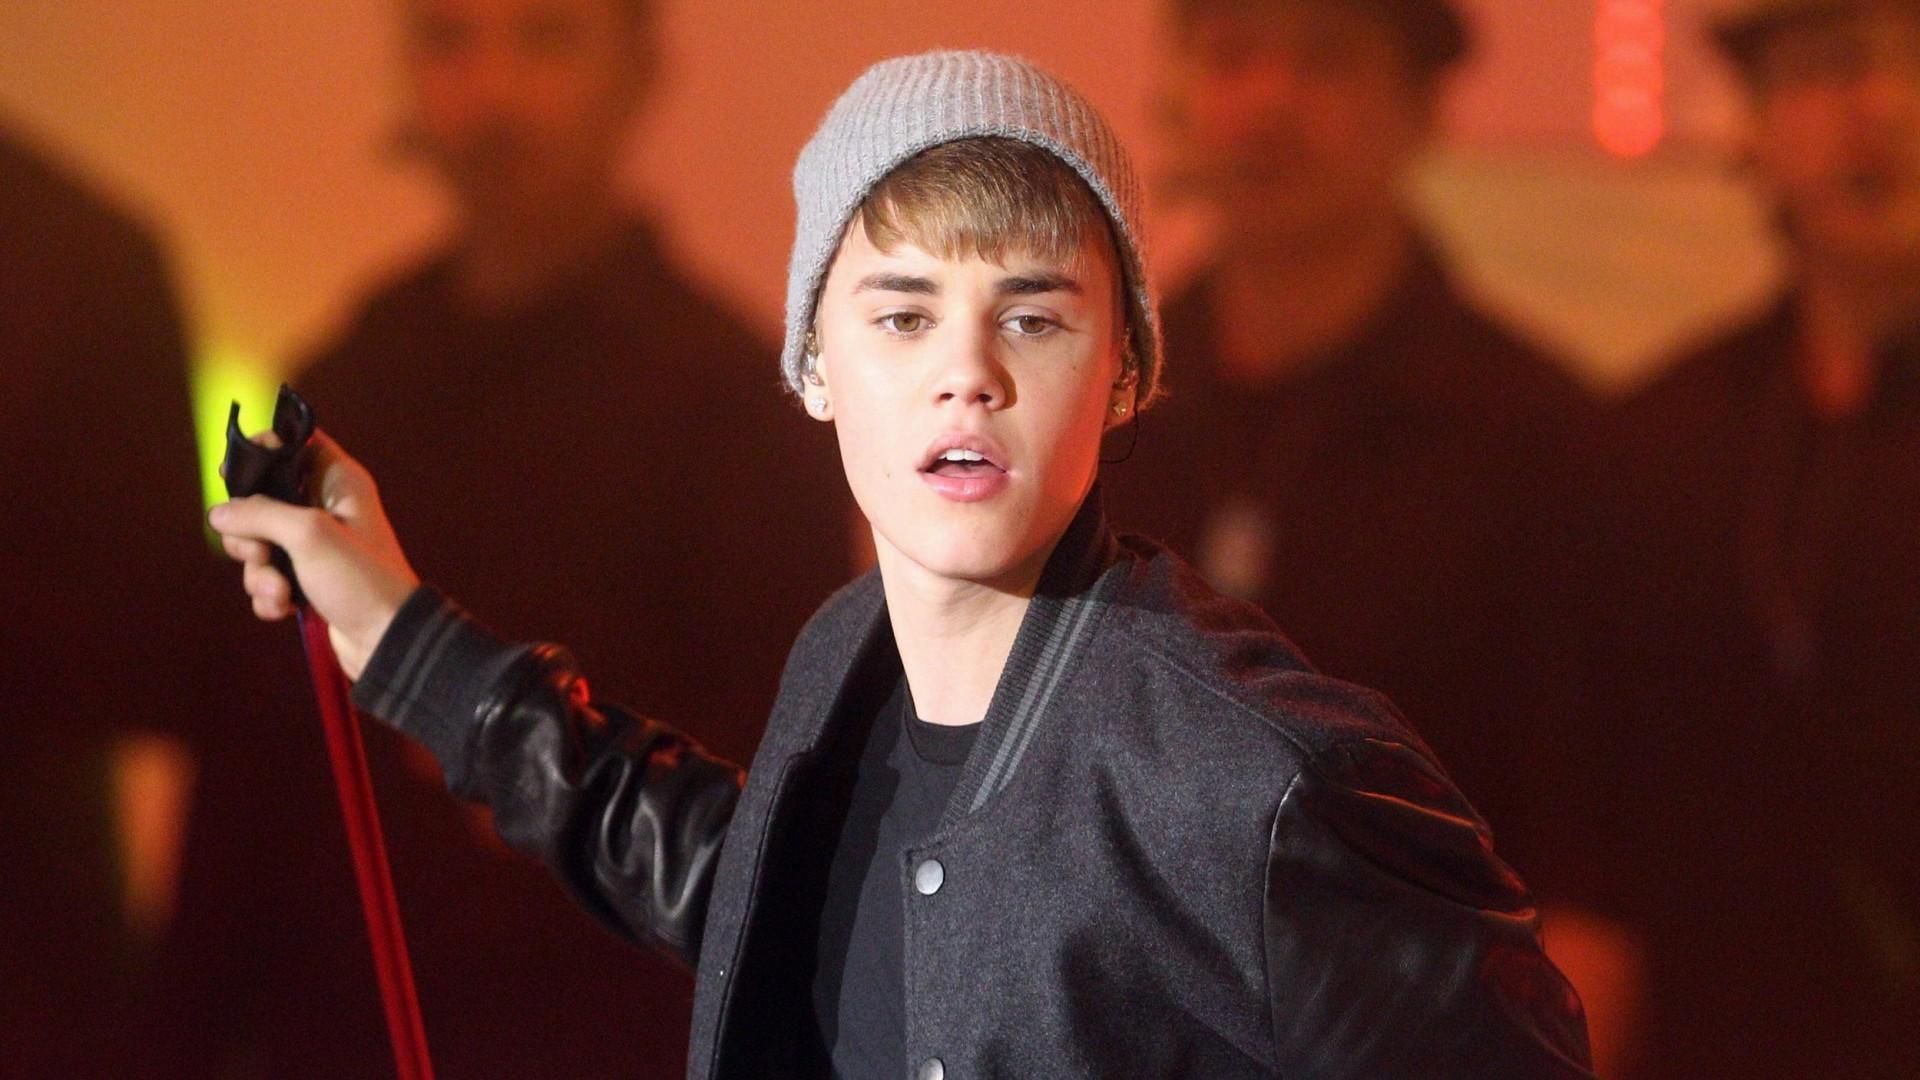 Fall Out Boy Game Wallpaper Justin Bieber Wallpaper Hd Pixelstalk Net